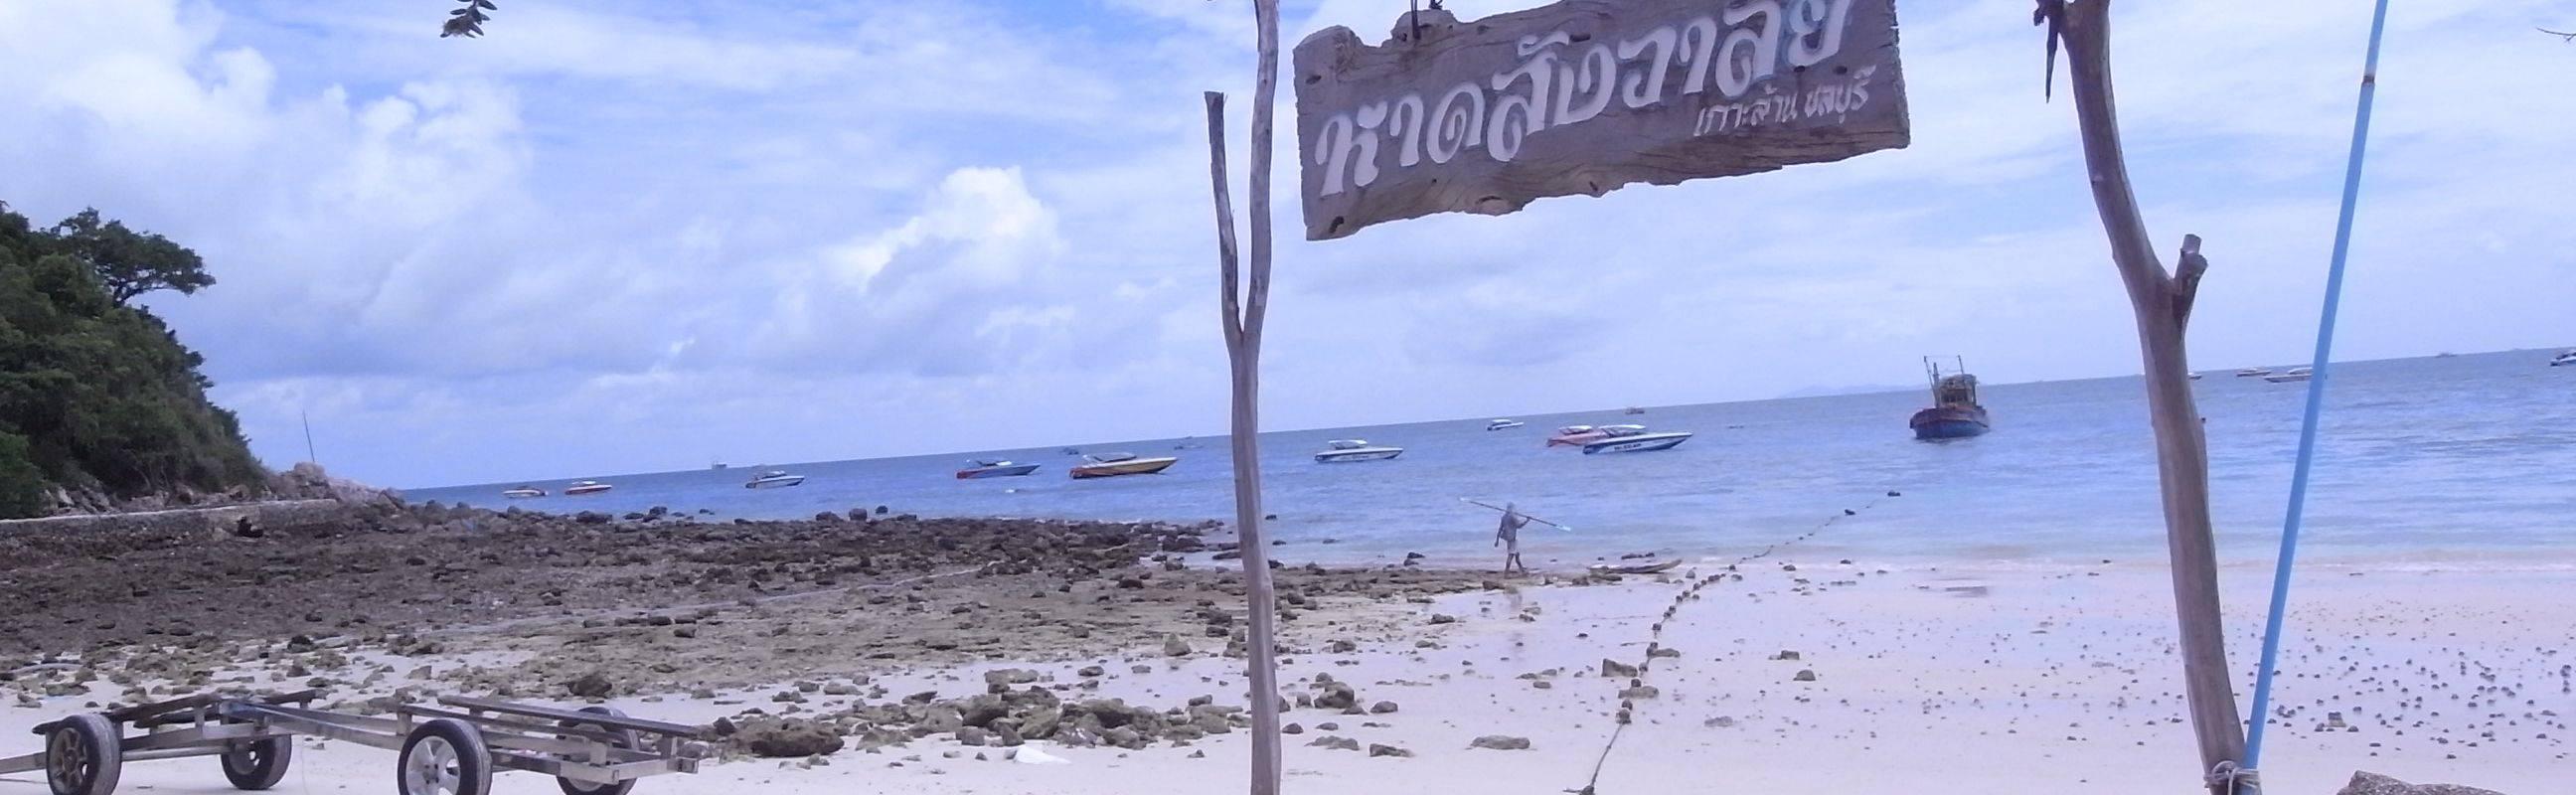 Wonderful Pattaya City Tour